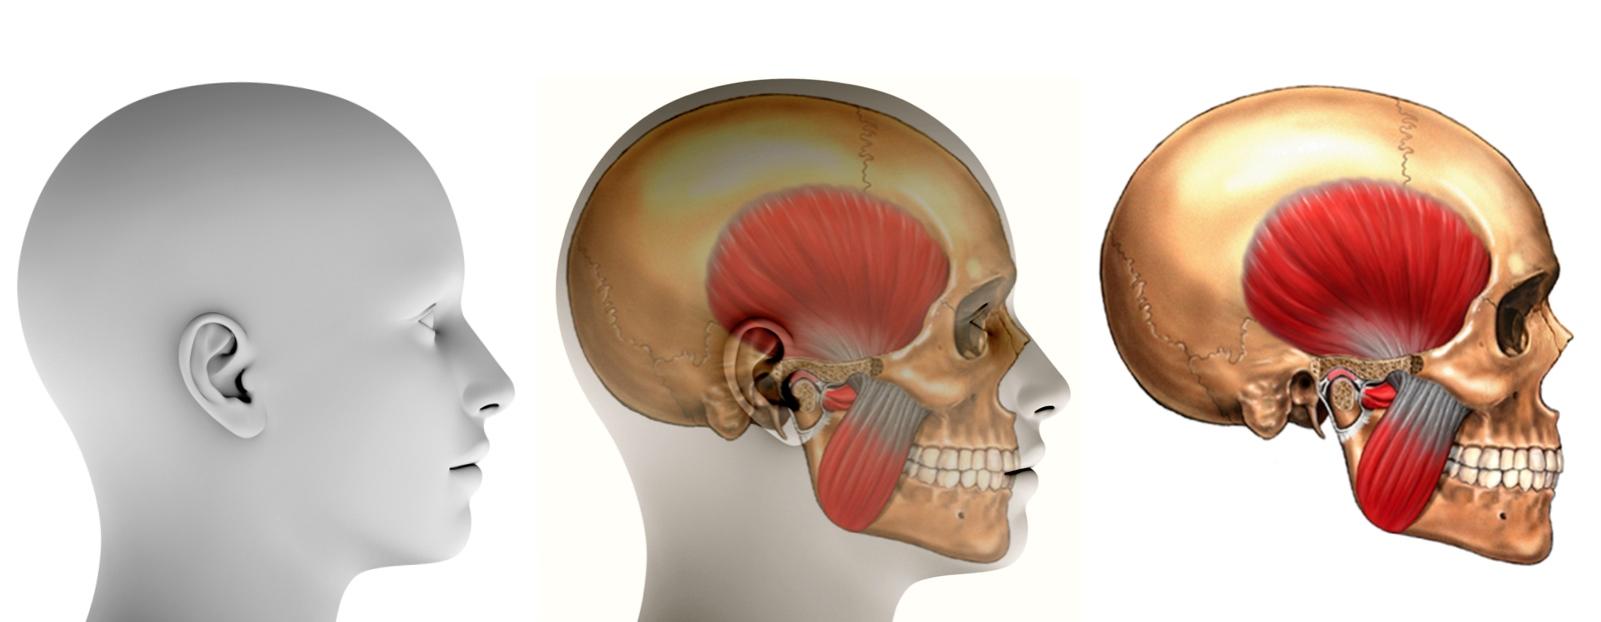 And maxillo facial surgeons